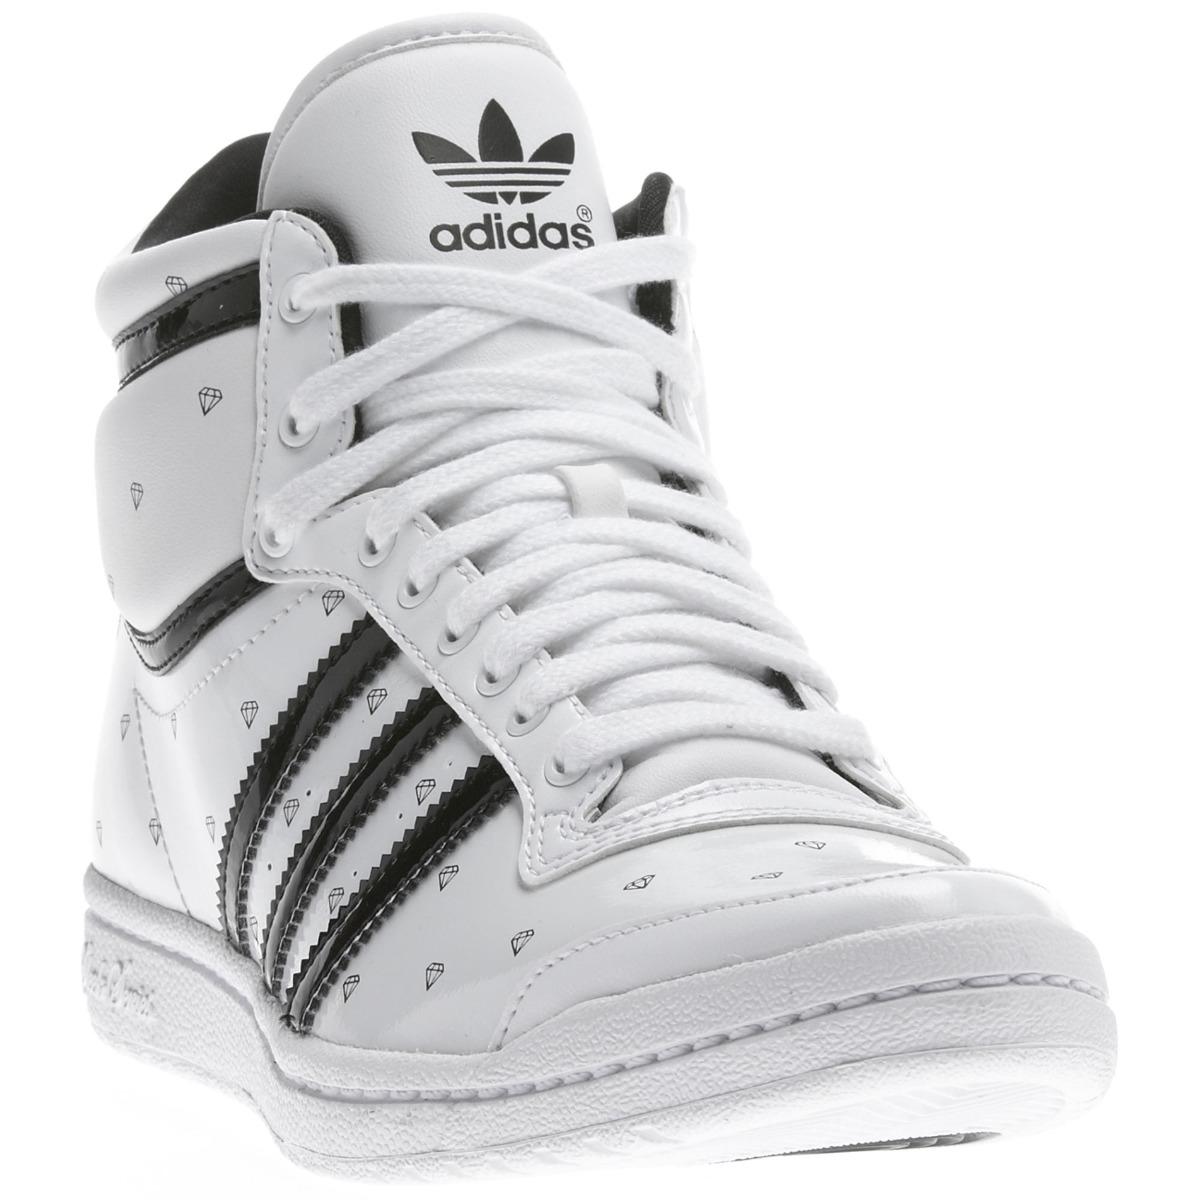 ba165814d8cb0 zapatillas adidas botas hombre argentina